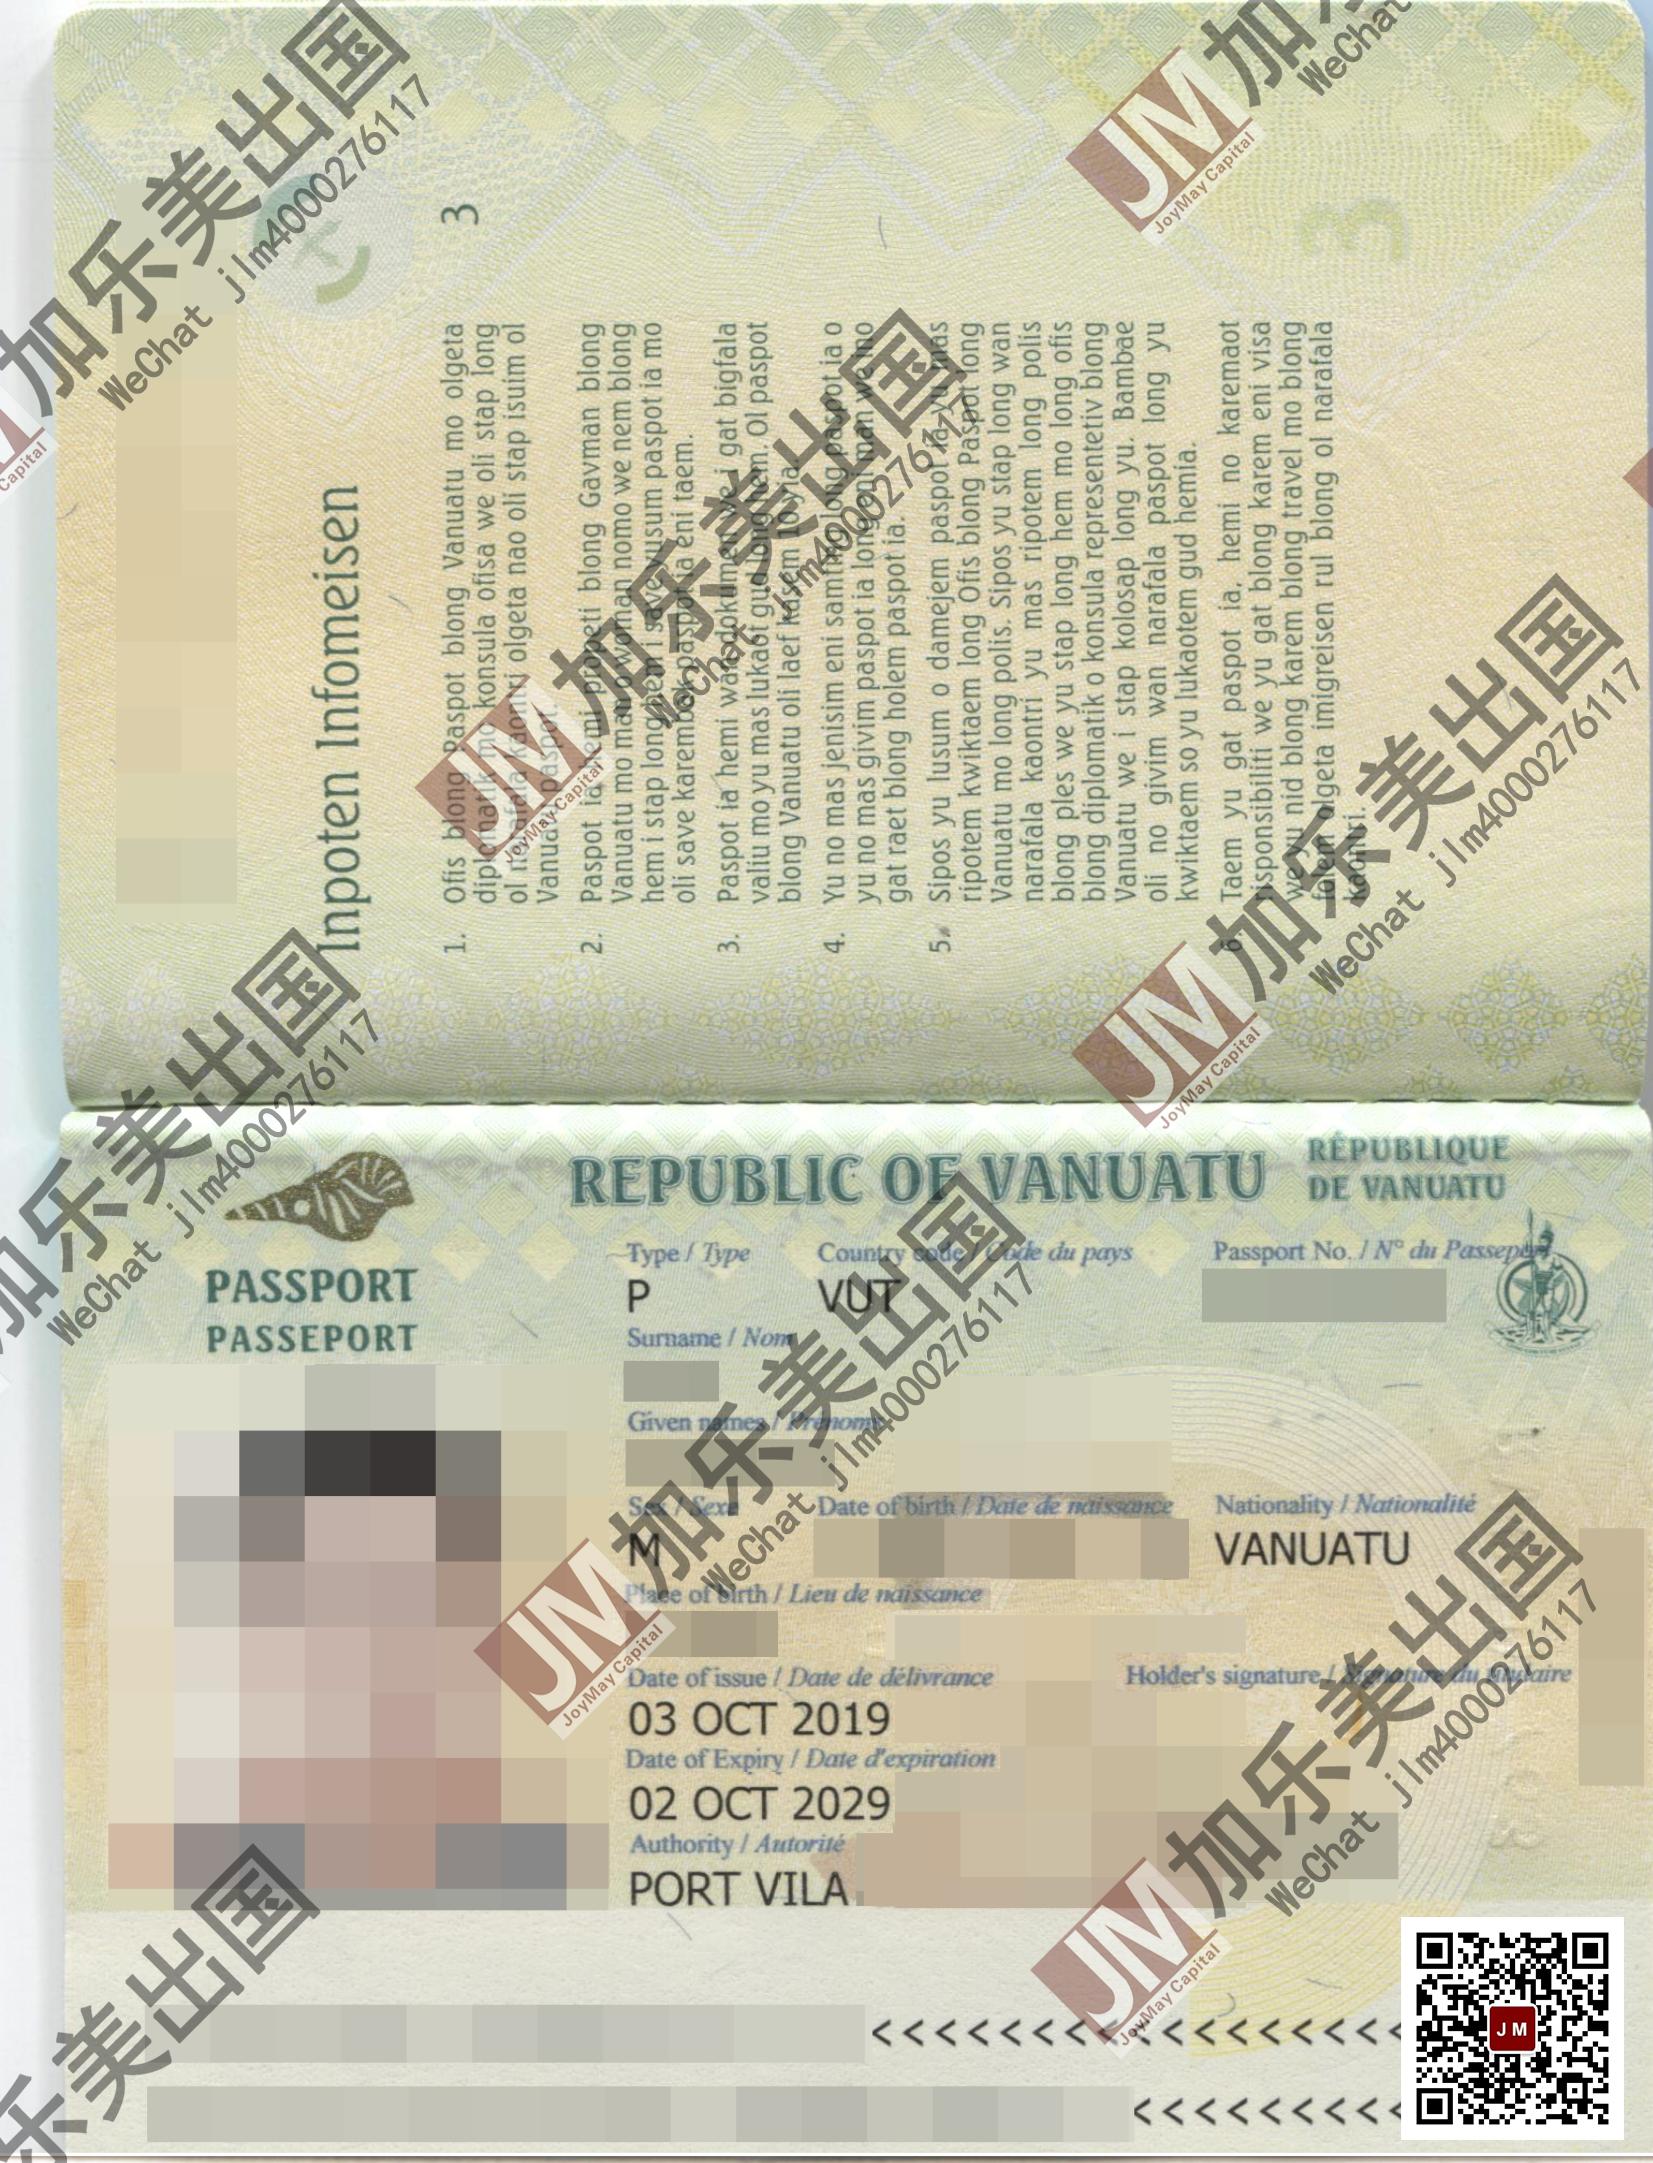 【瓦努阿图护照】恭喜客户喜得瓦努阿图护照!